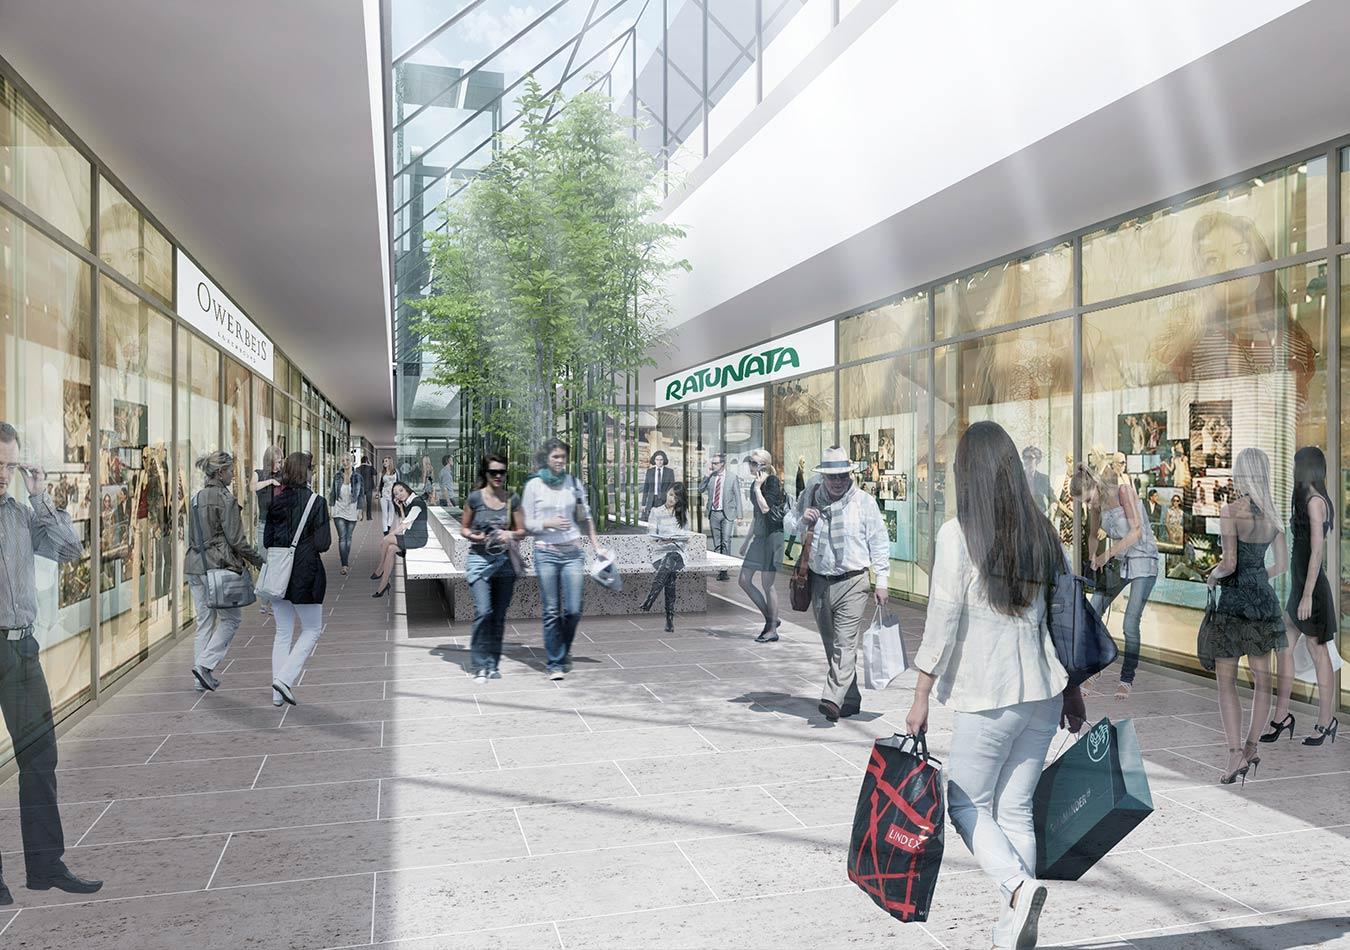 Des commerces de proximité, comme un salon de coiffure ou un supermarché de taille réduite, doivent aussi être implantés dans une partie de l'actuelle gare fantôme du Findel.